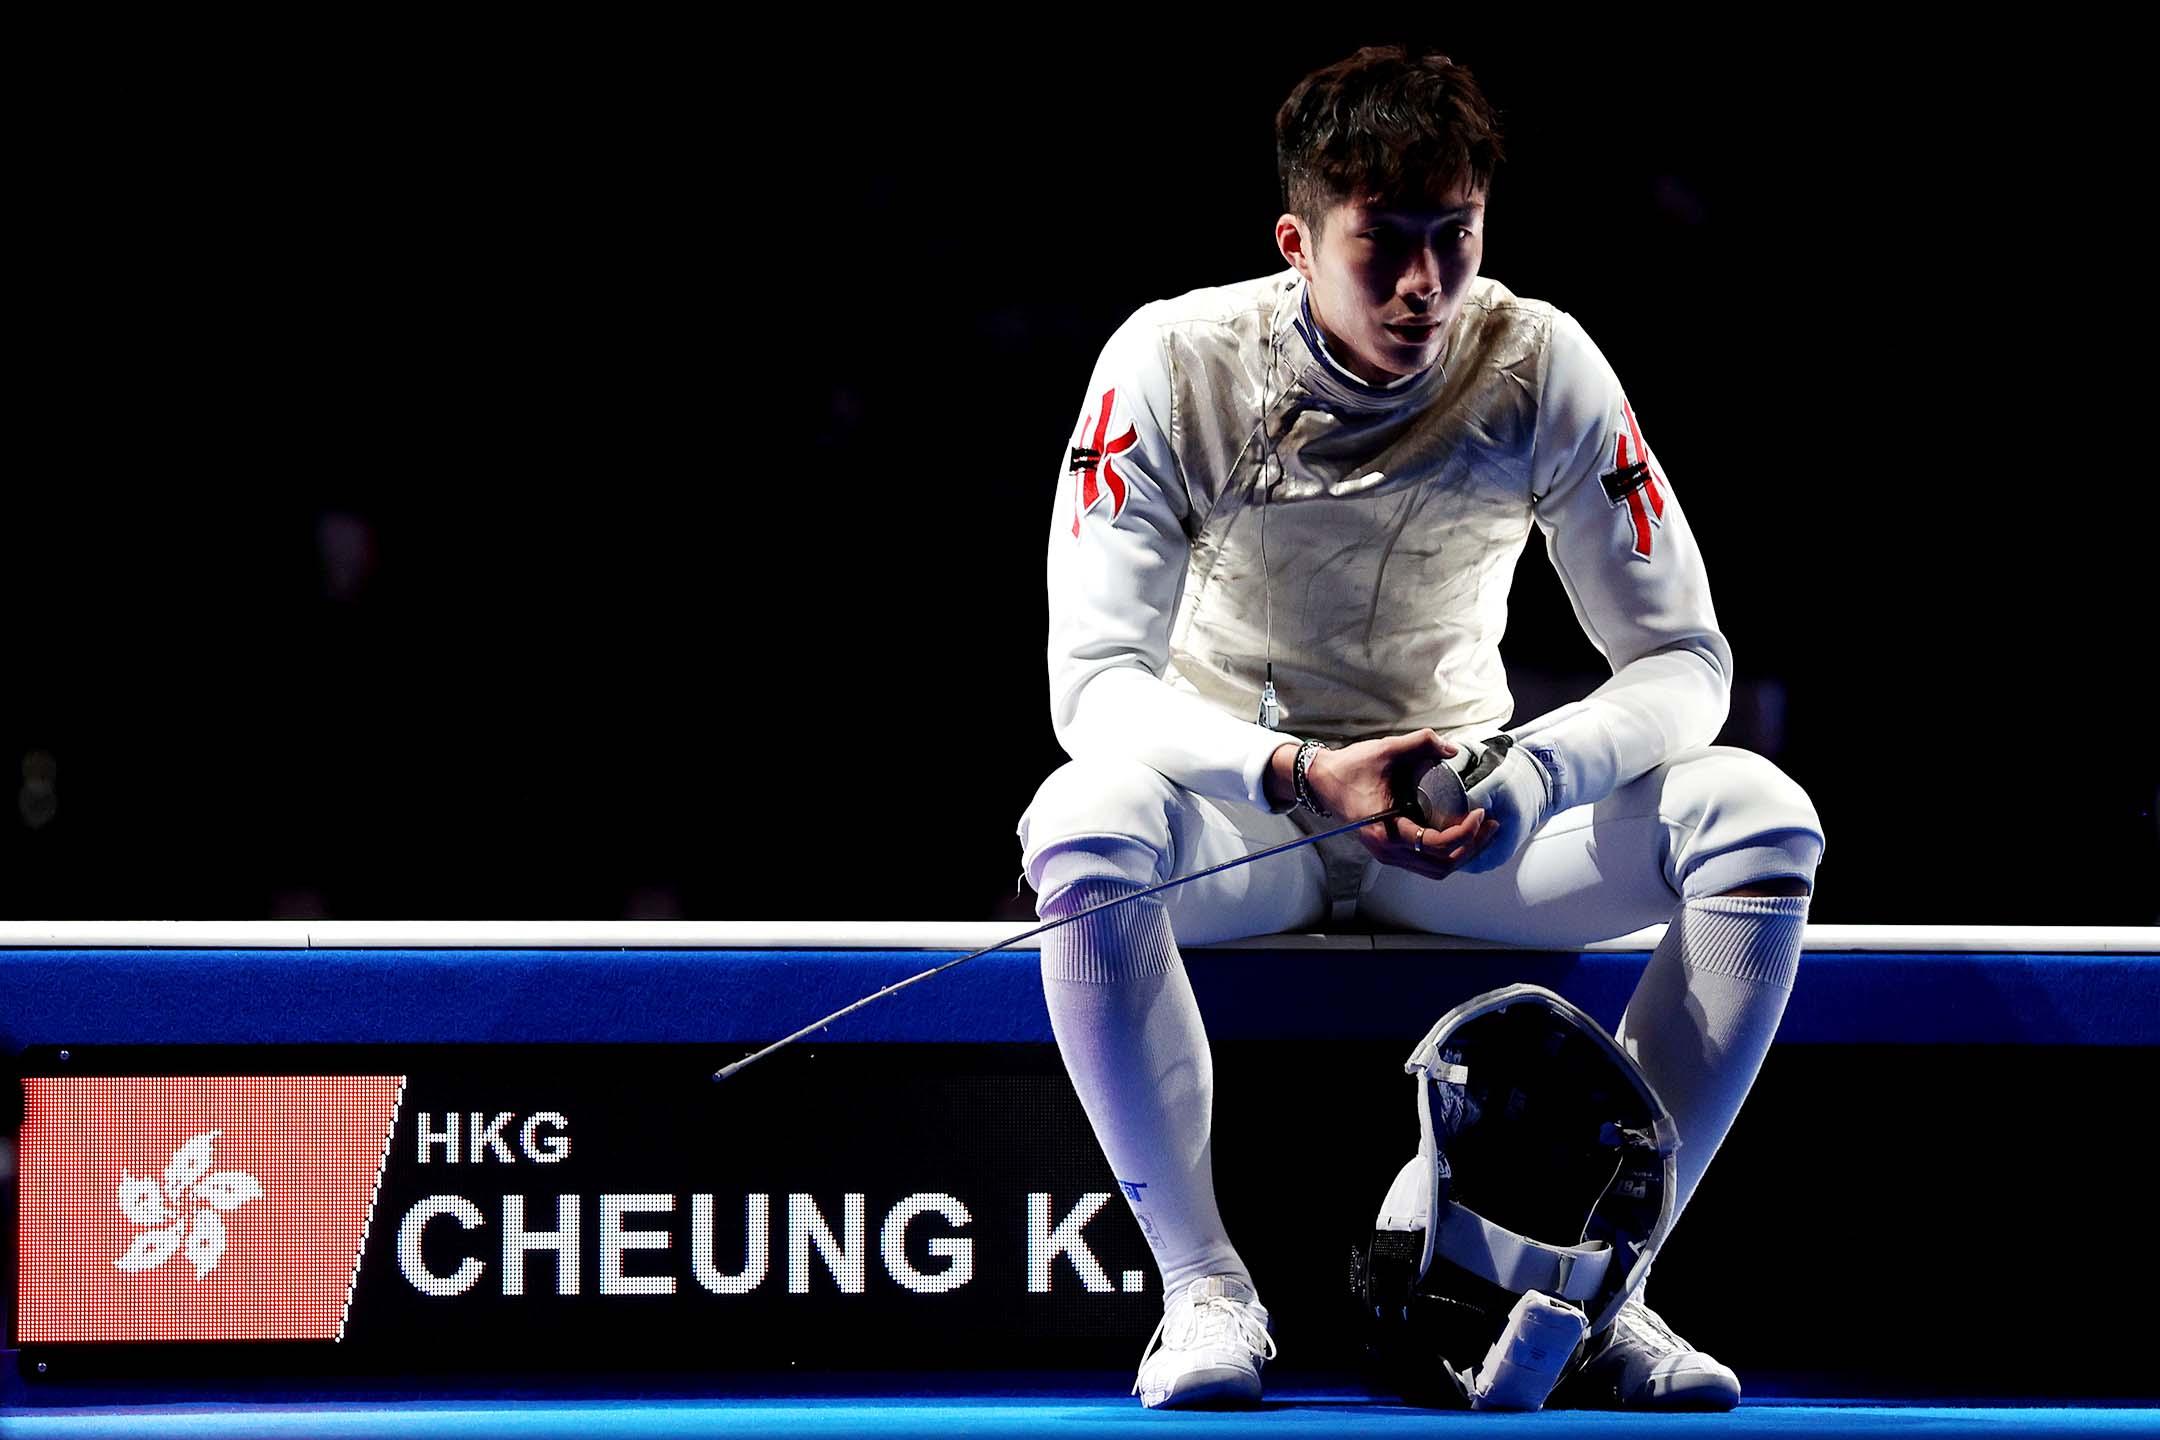 2021年7月26日東京奧運會男子個人花劍決賽中,香港隊的張家朗。